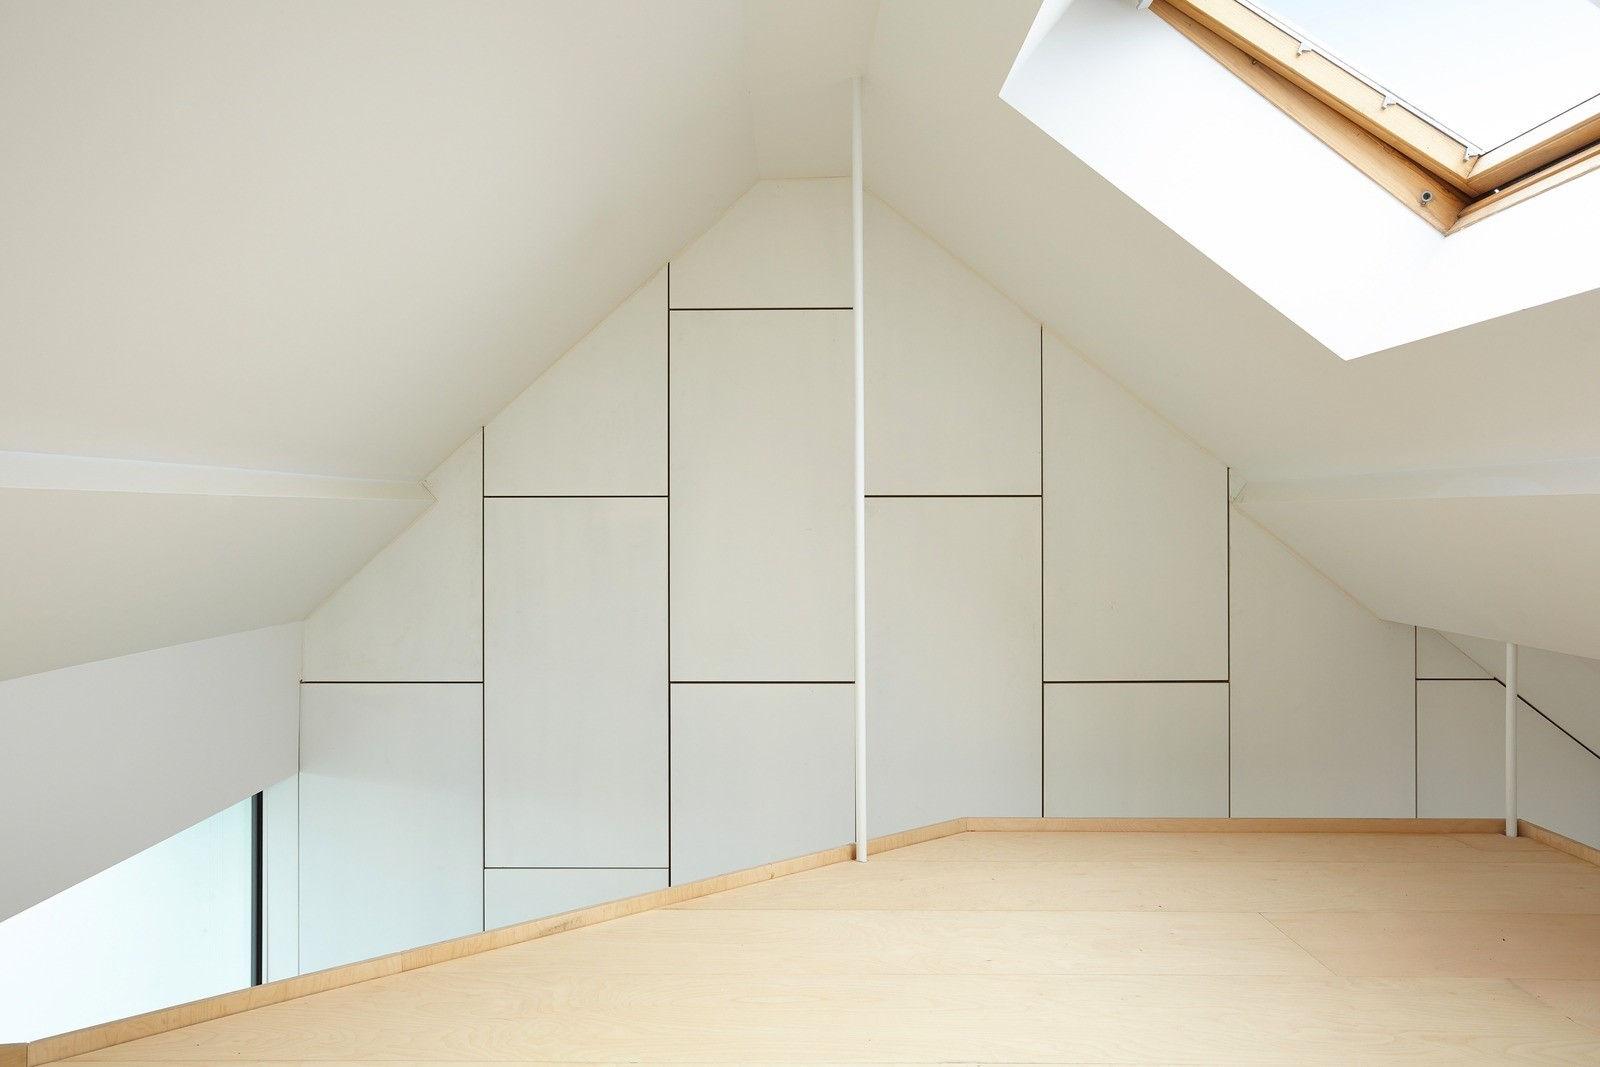 House-in-Belgium-just3ds.com-13